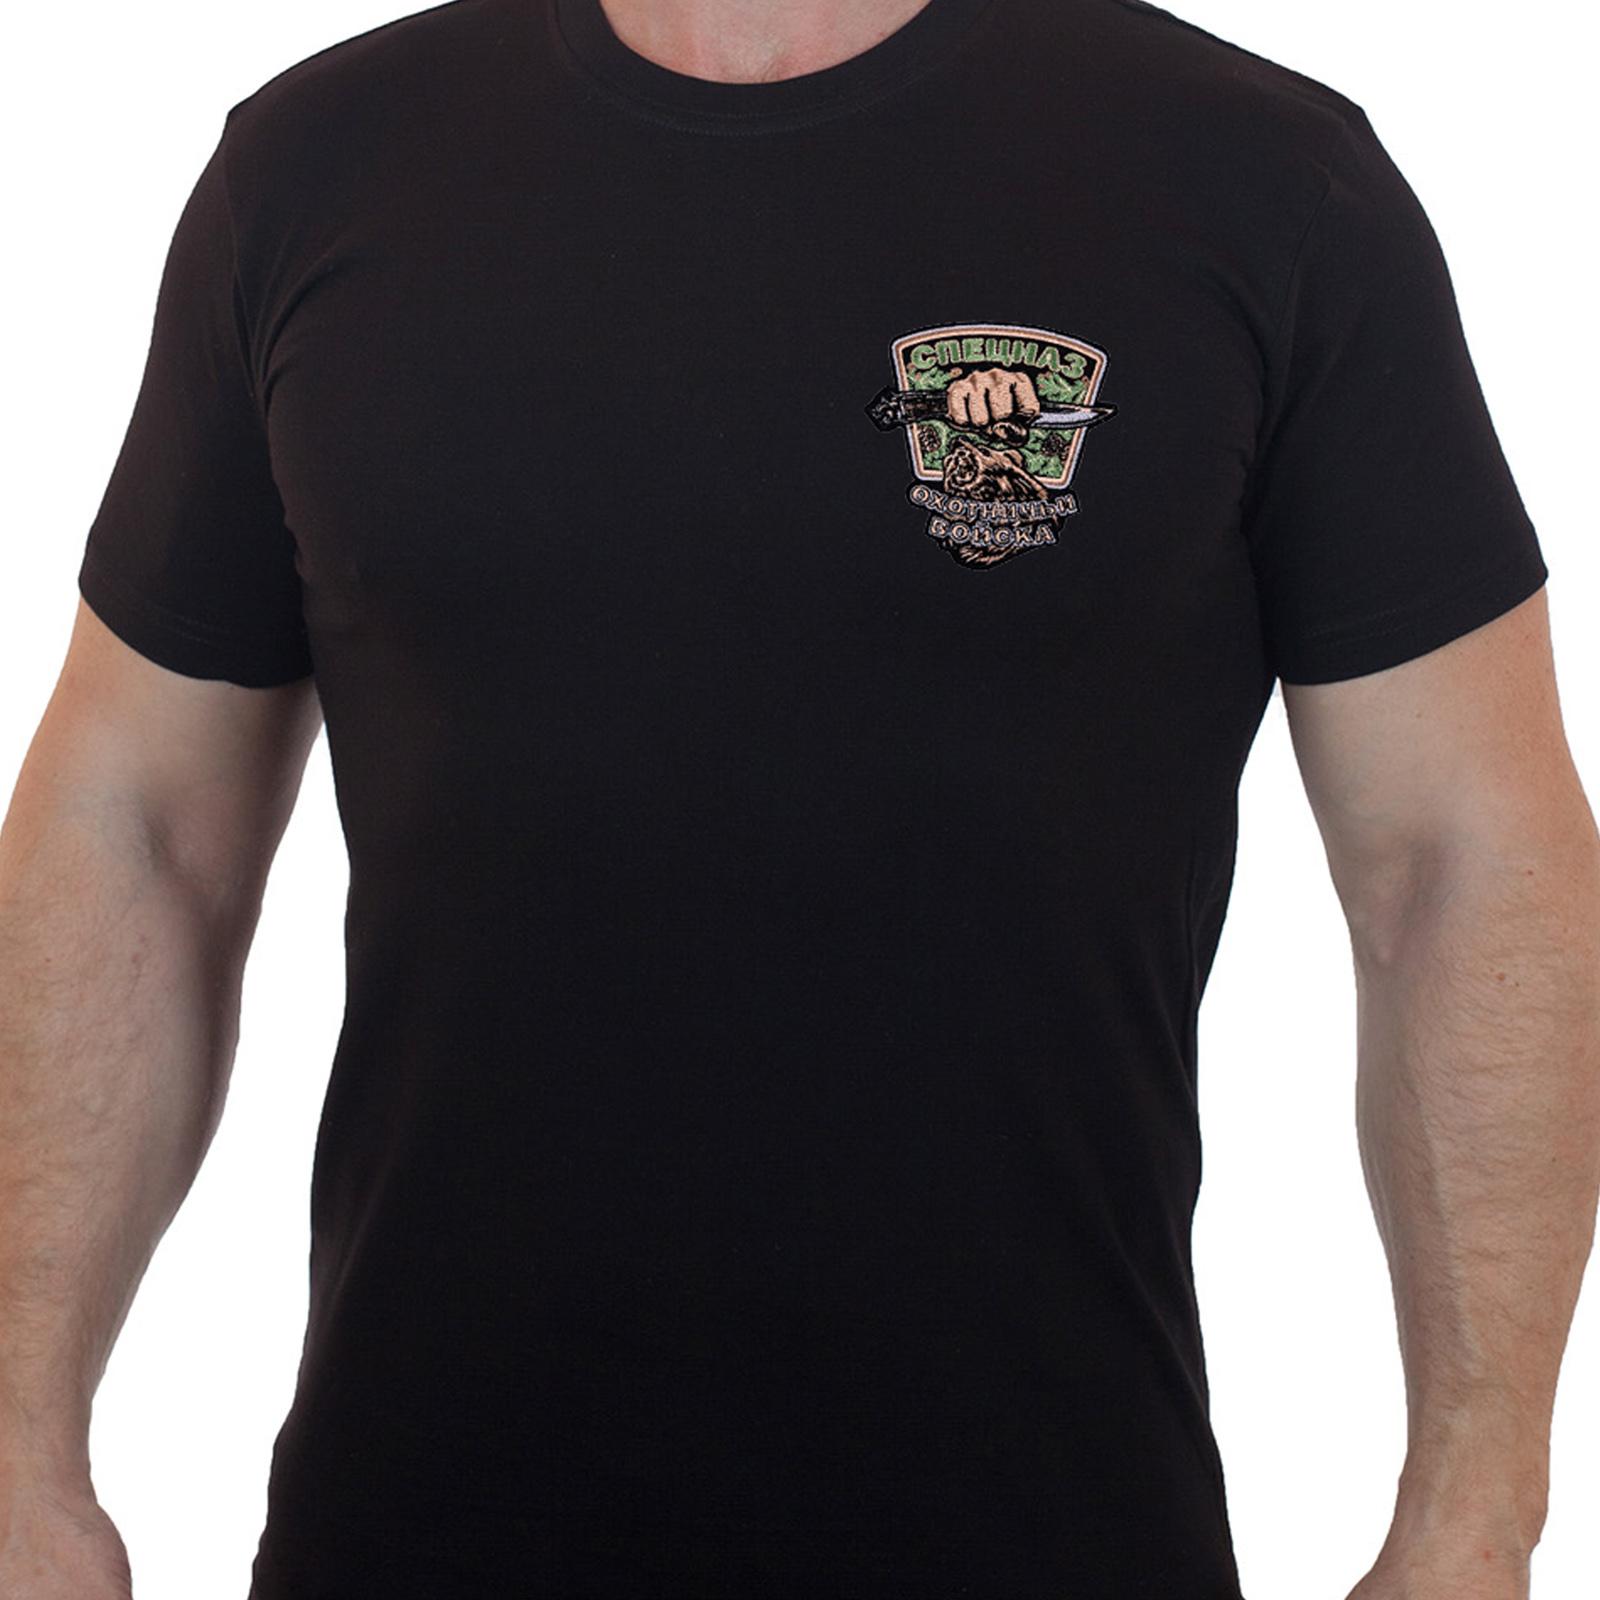 Строгая хлопковая футболка для охотников